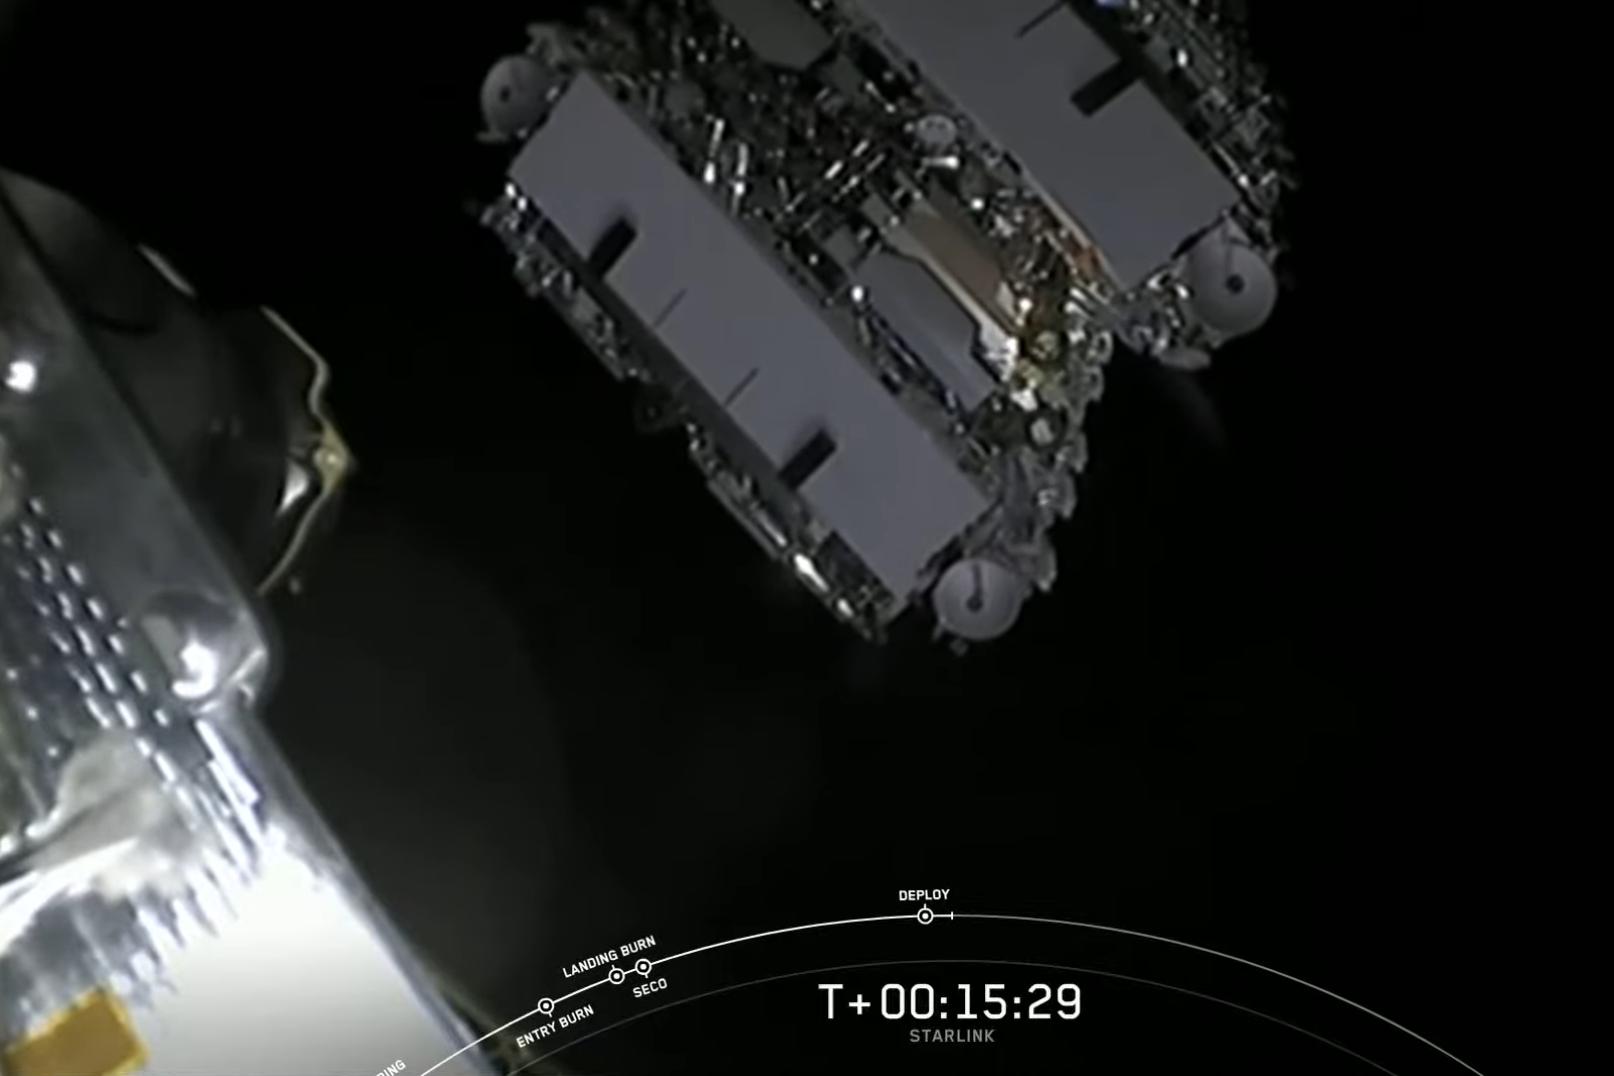 starlink-spacex-deploiement